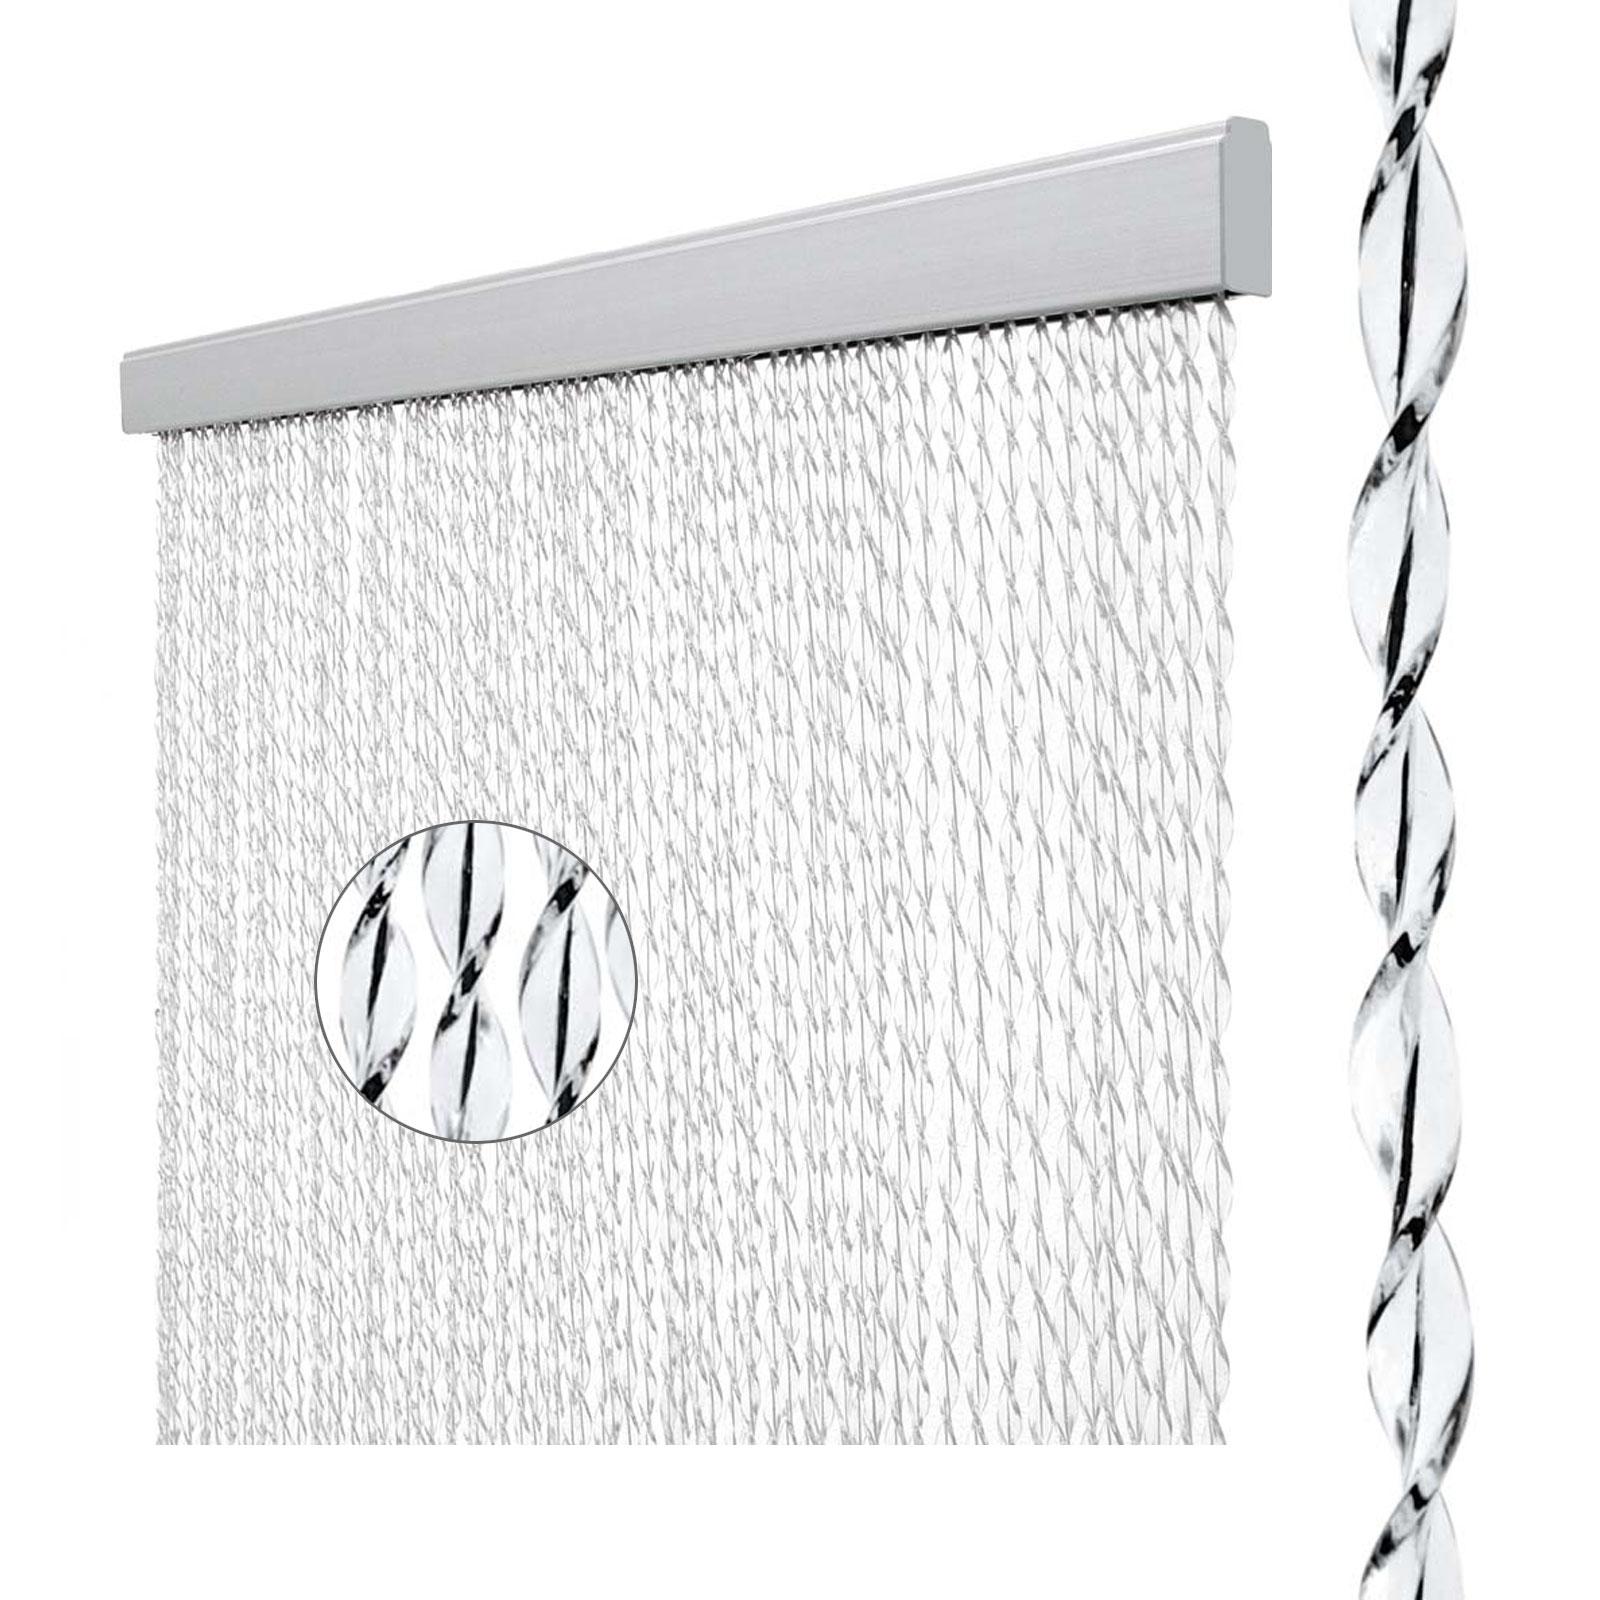 Vorhang Sara, 100% PVC, 60x190 cm, weiß/schwarz